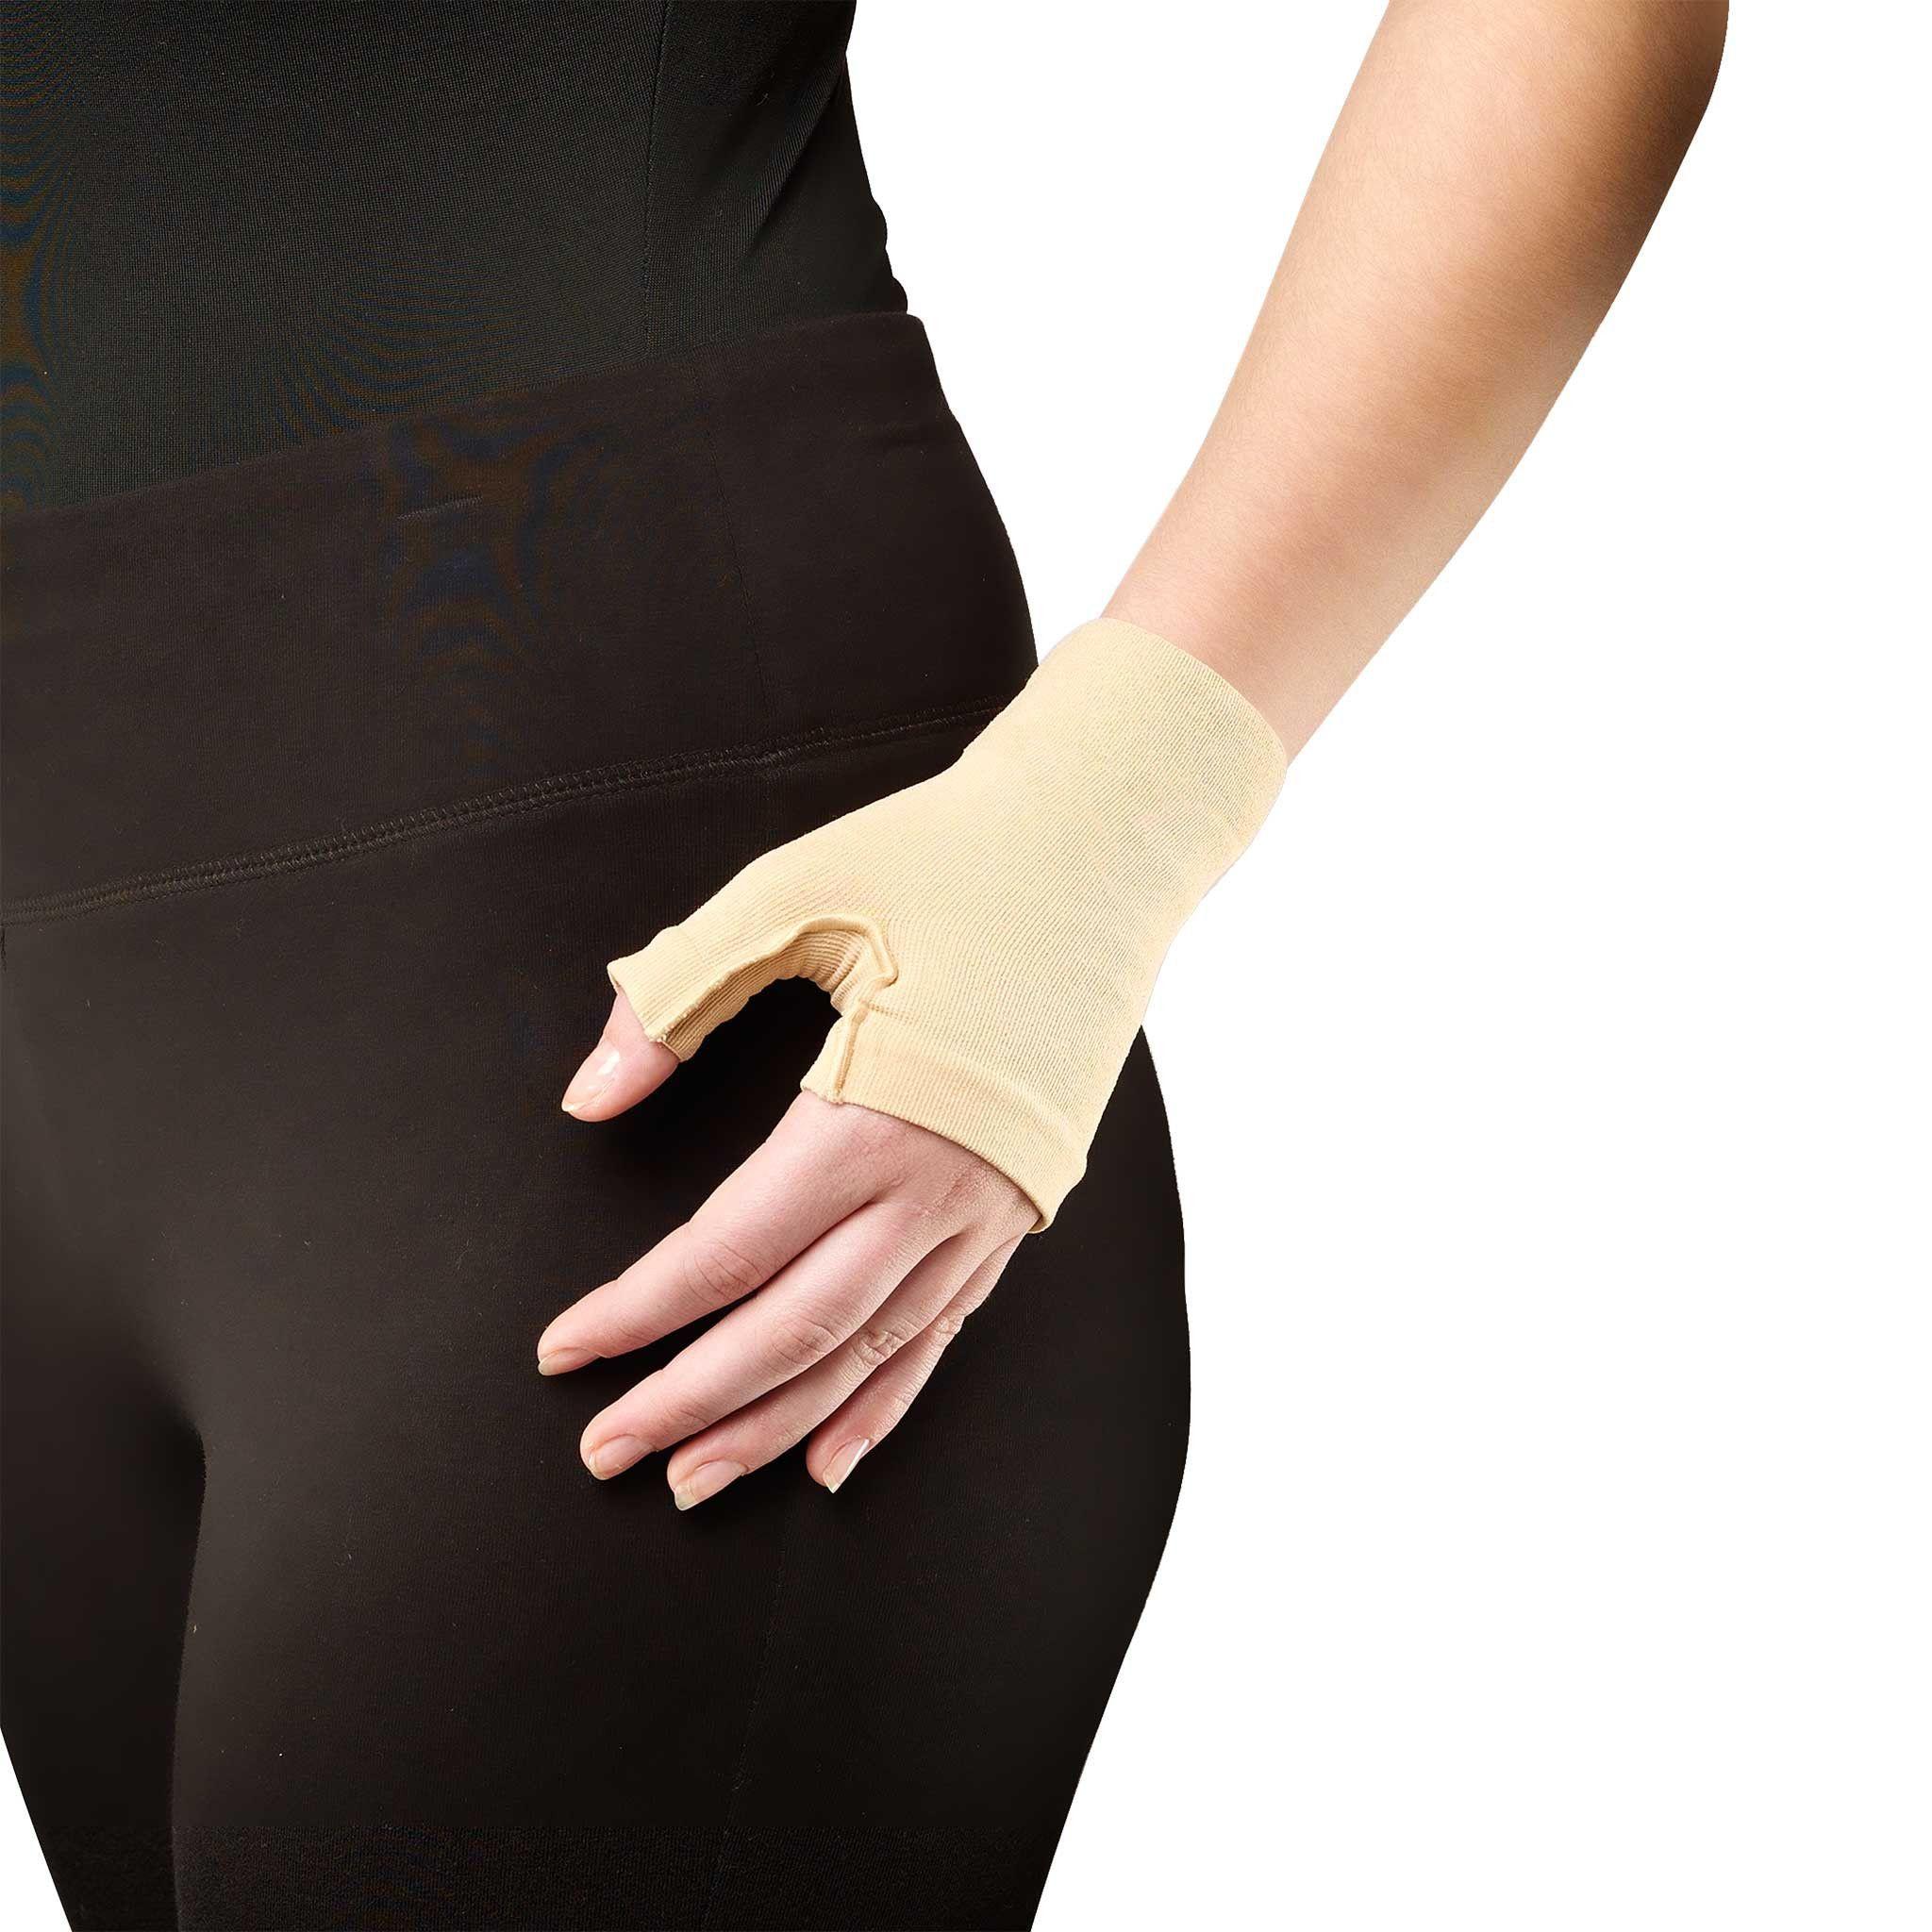 Gauntlet Glove, 20-30 mmHg (Truform 3322)